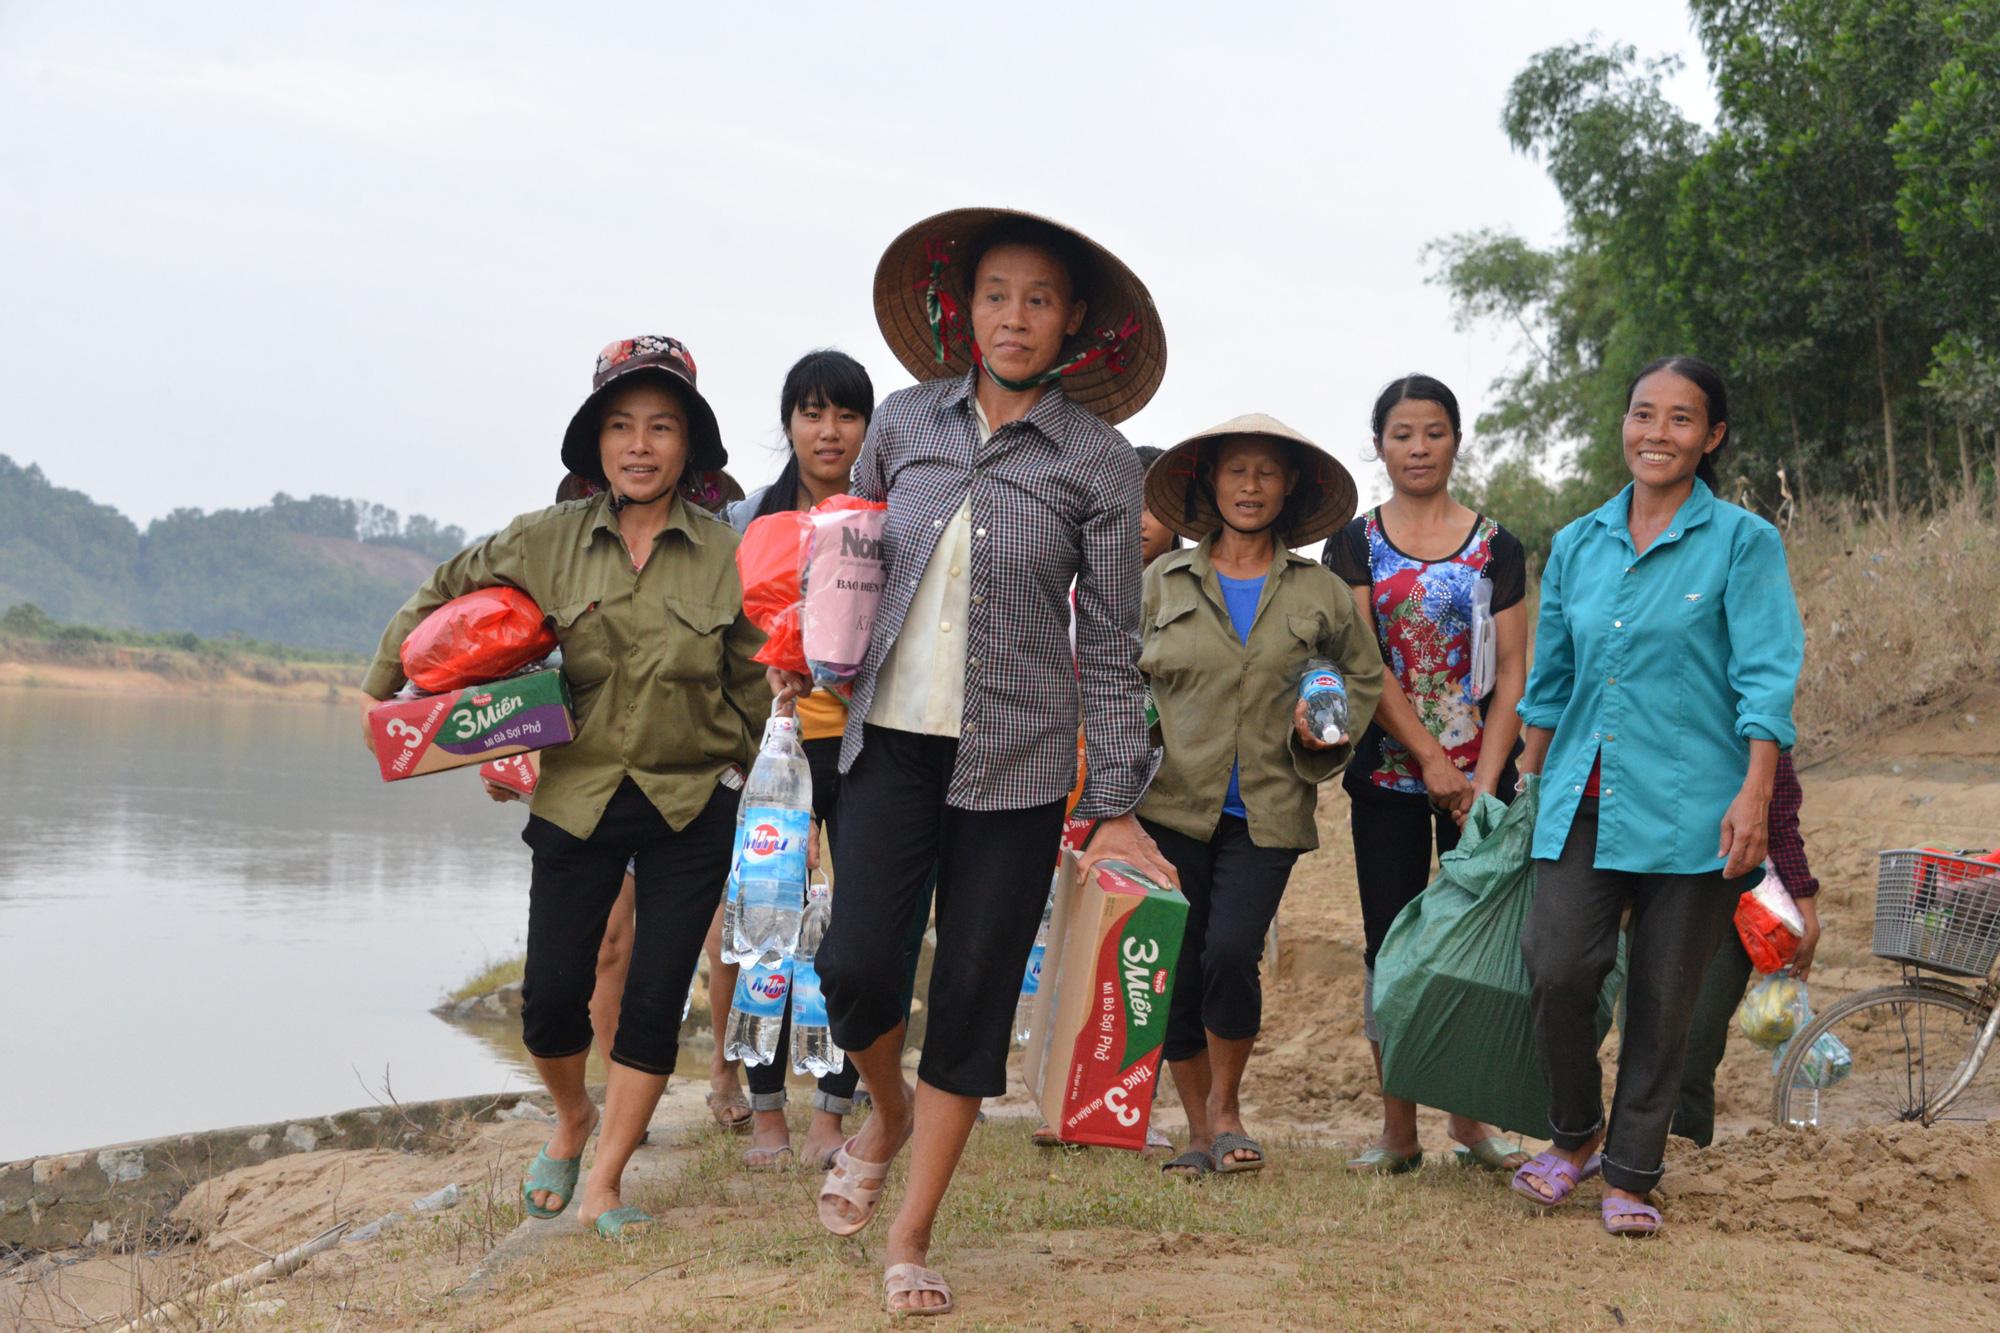 Dân Việt - Hành trình  10 năm thiện nguyện - Ảnh 10.